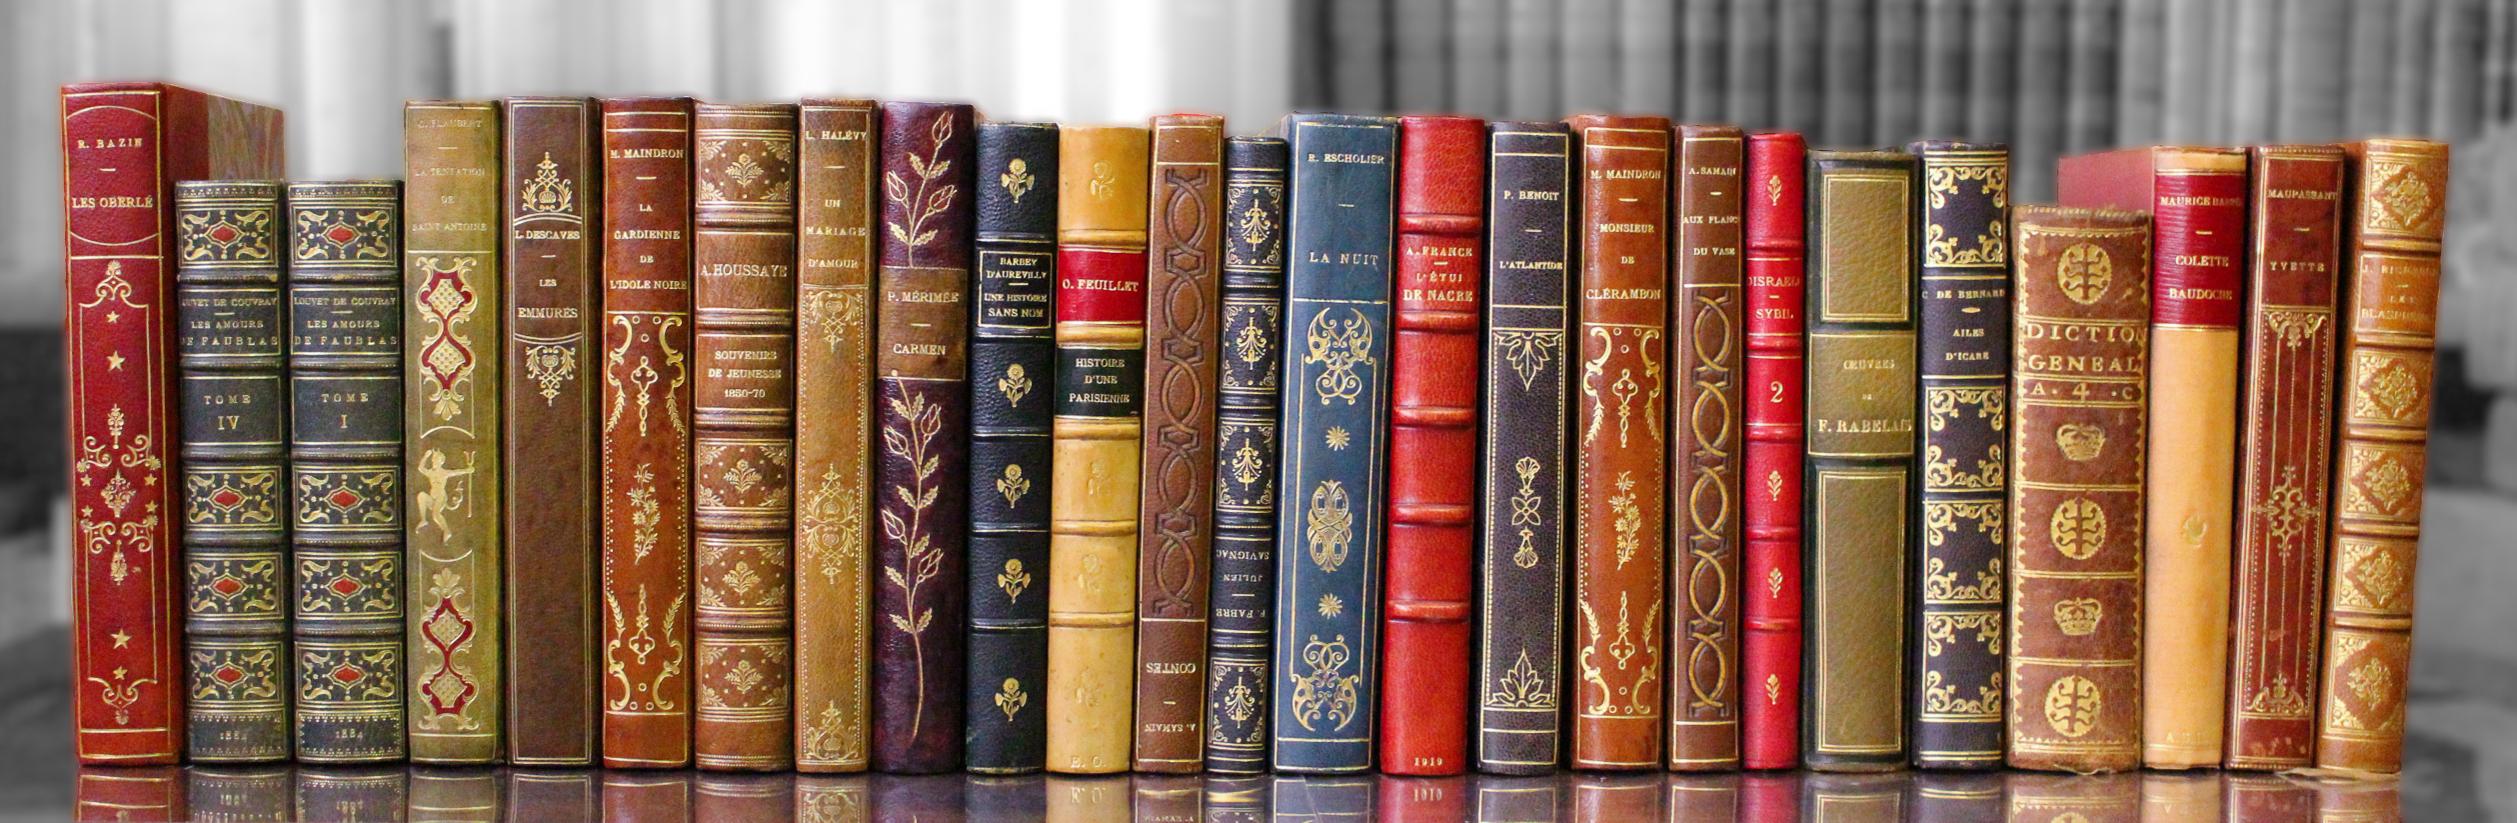 Décoration livres reliés cuir